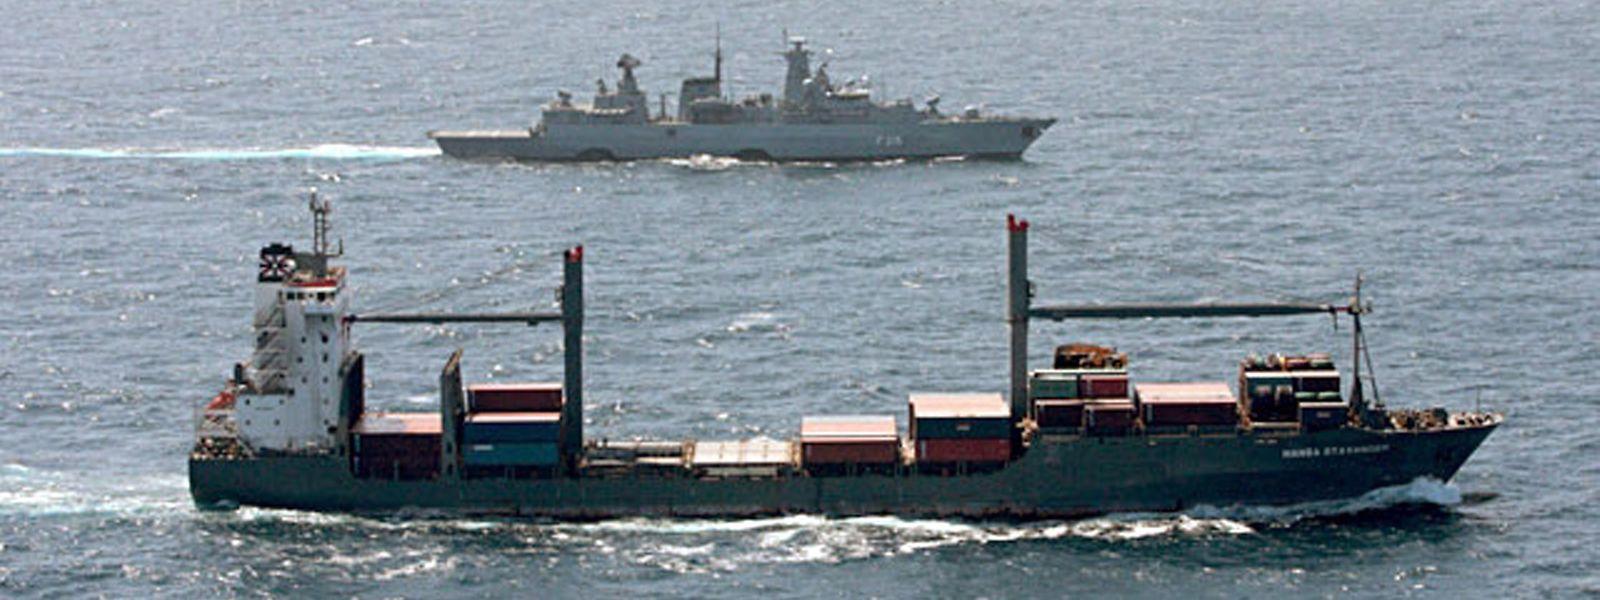 Die Küsten von Afrika sind für Frachtschiffe nicht ungefährlich.